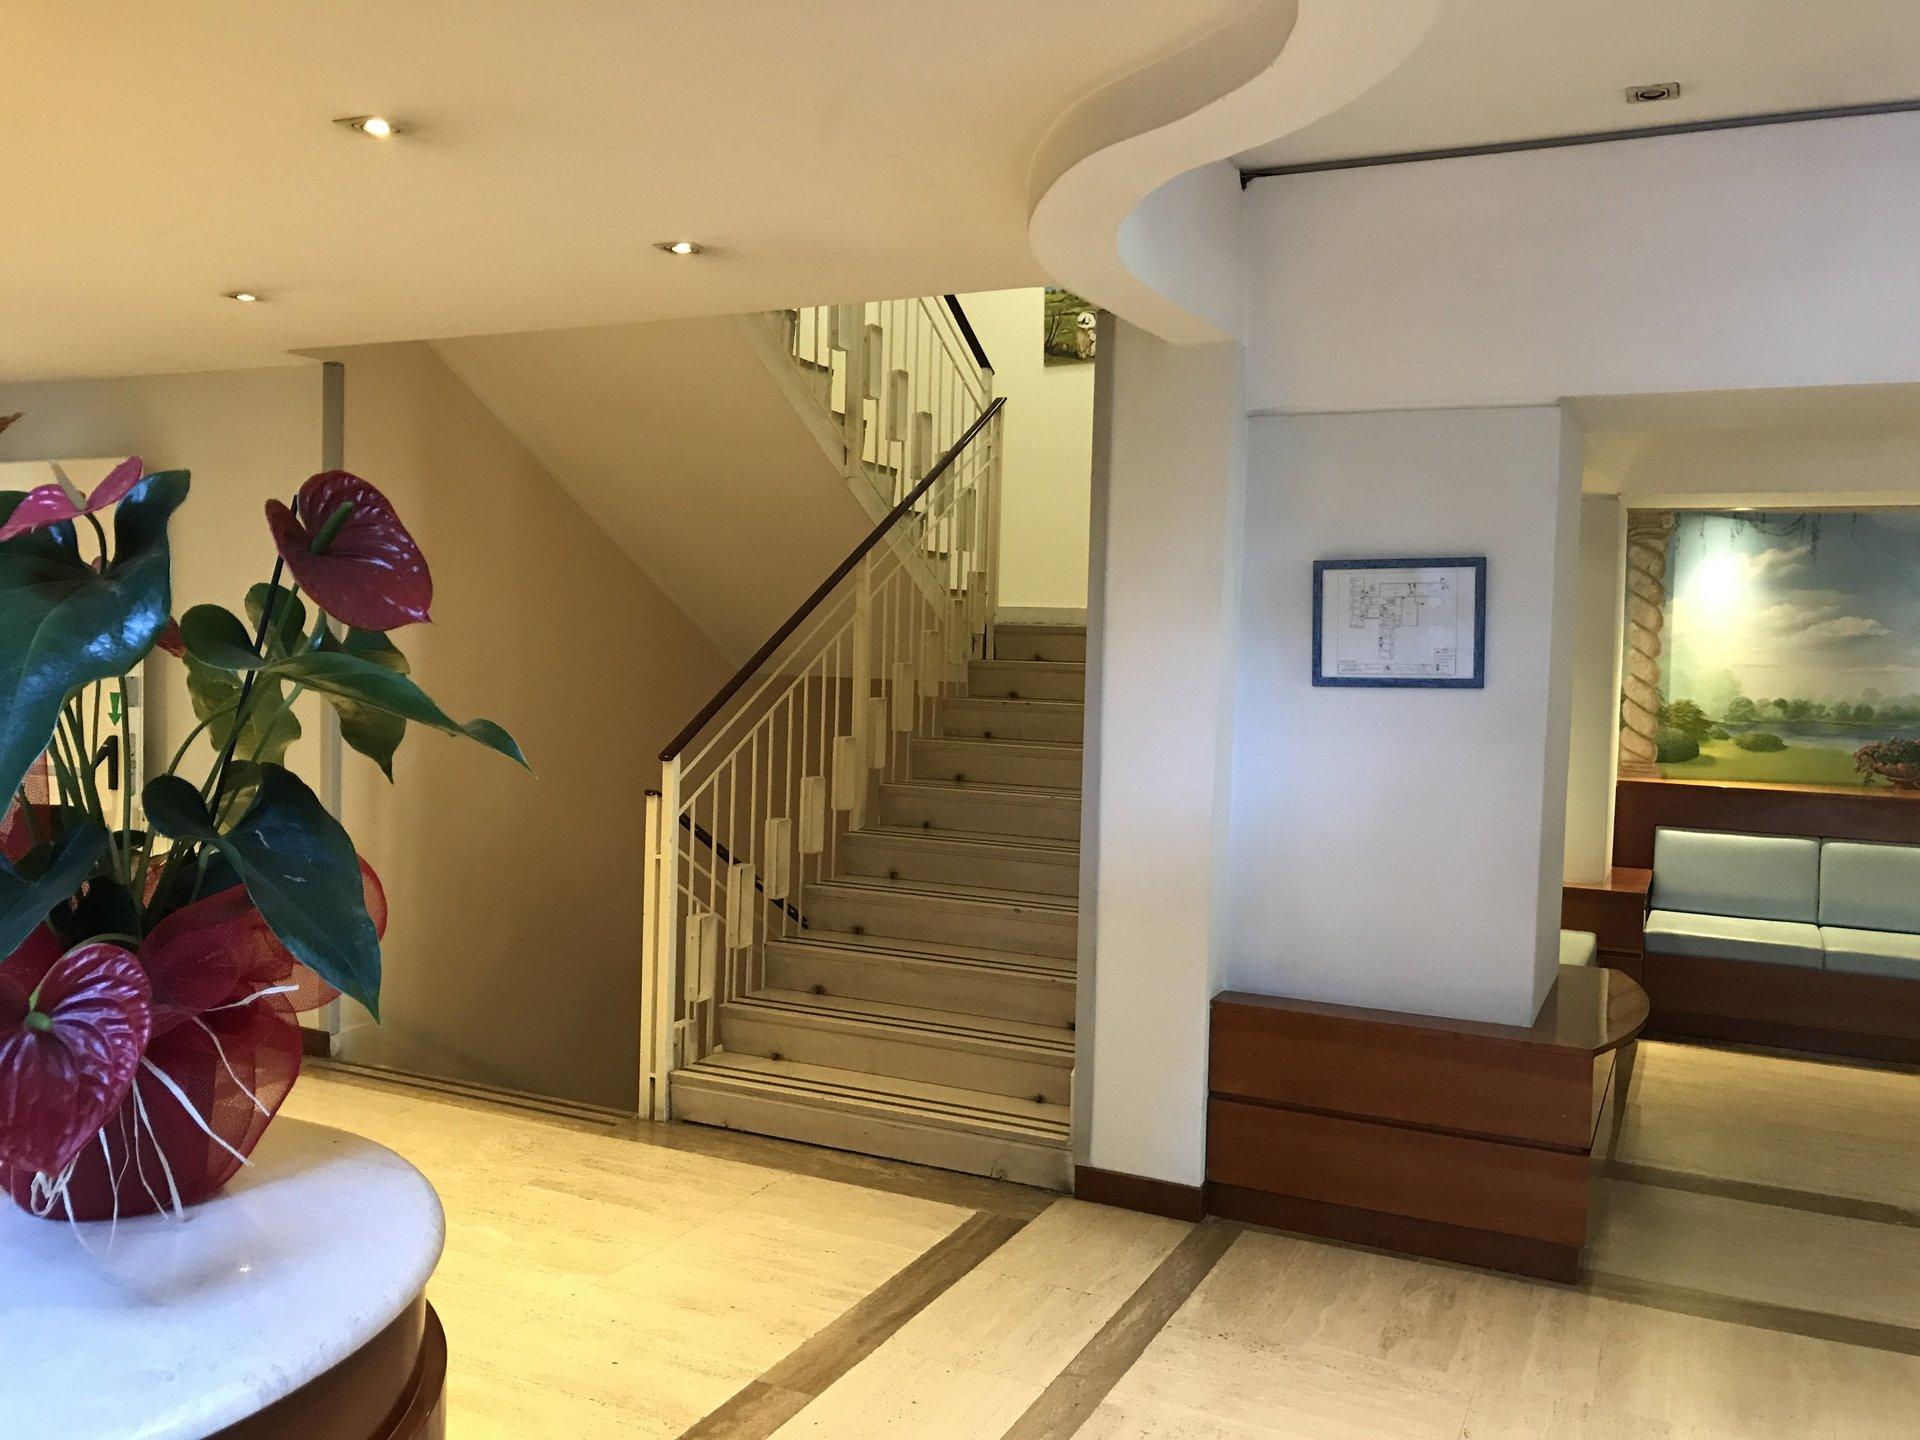 pianta in primo piano e scale all'interno della casa di riposo